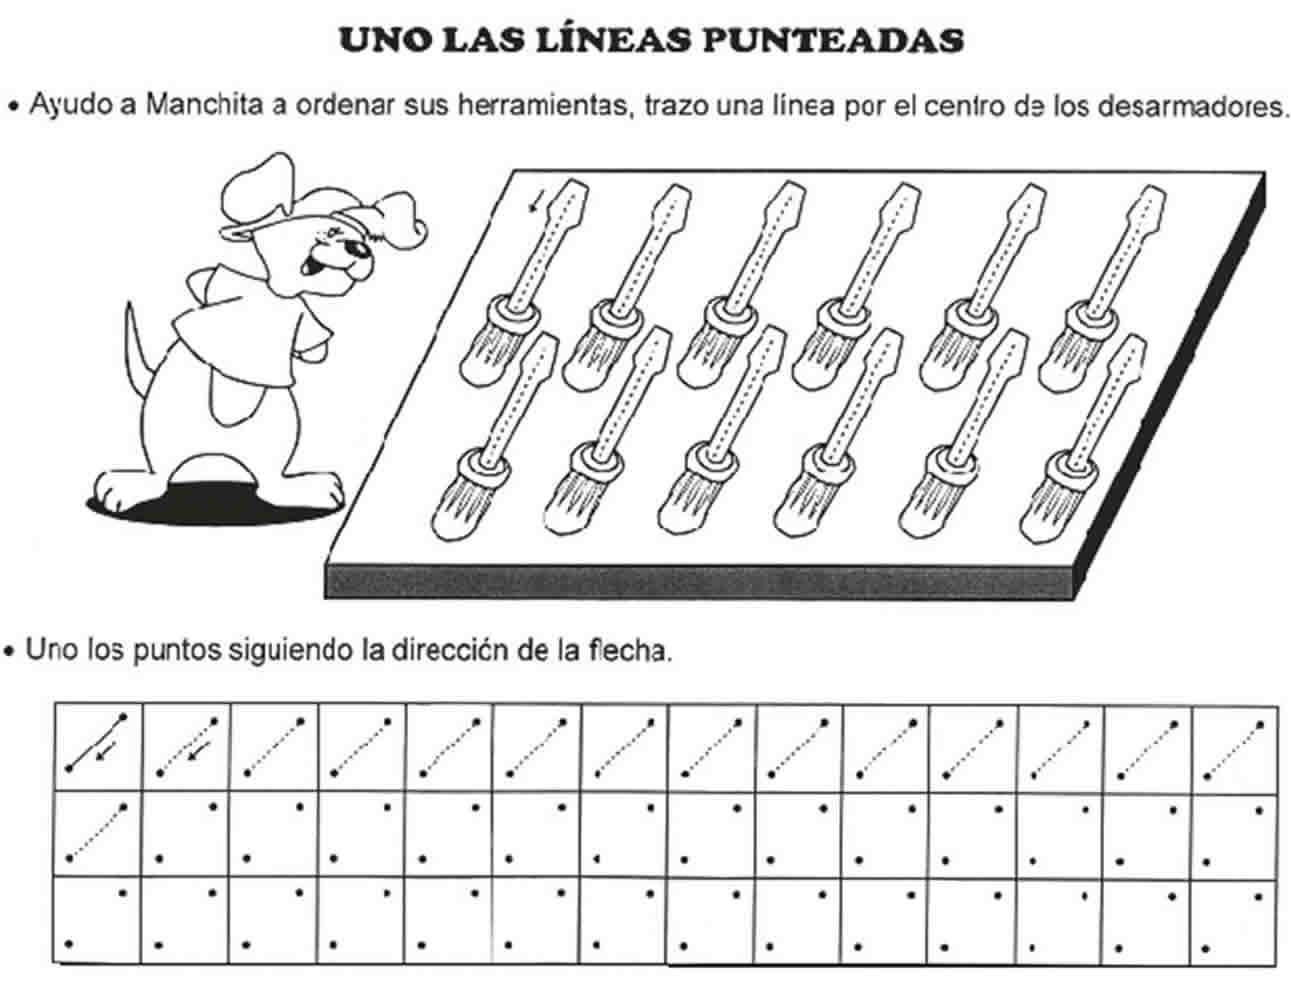 Cuentos y Fábulas - Venta de libros - Susaeta Ediciones - Un pollito ...